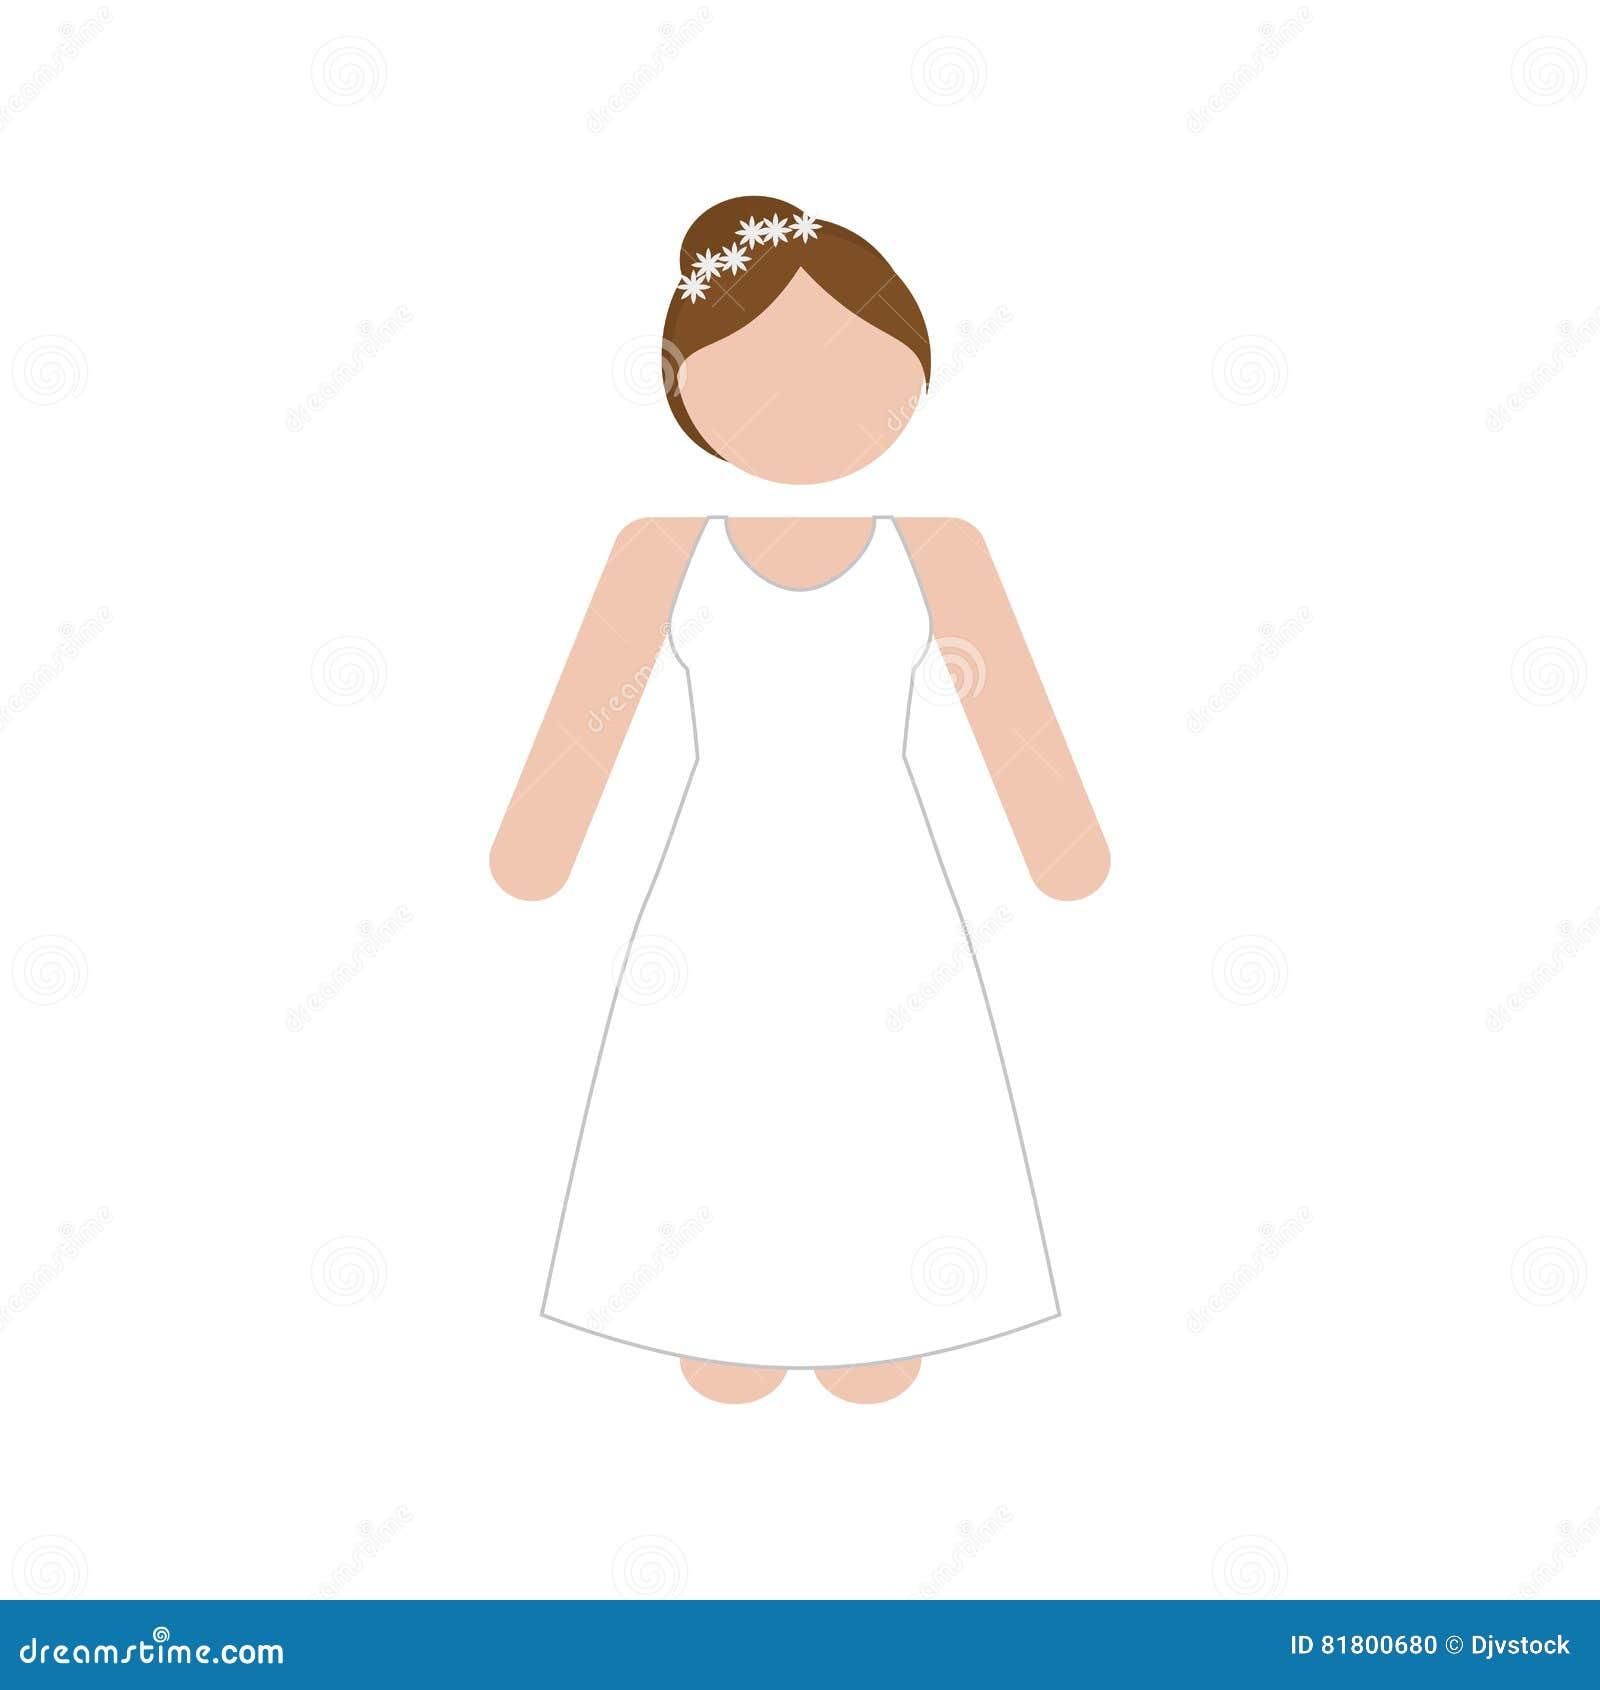 Безликое изображение значка женщины